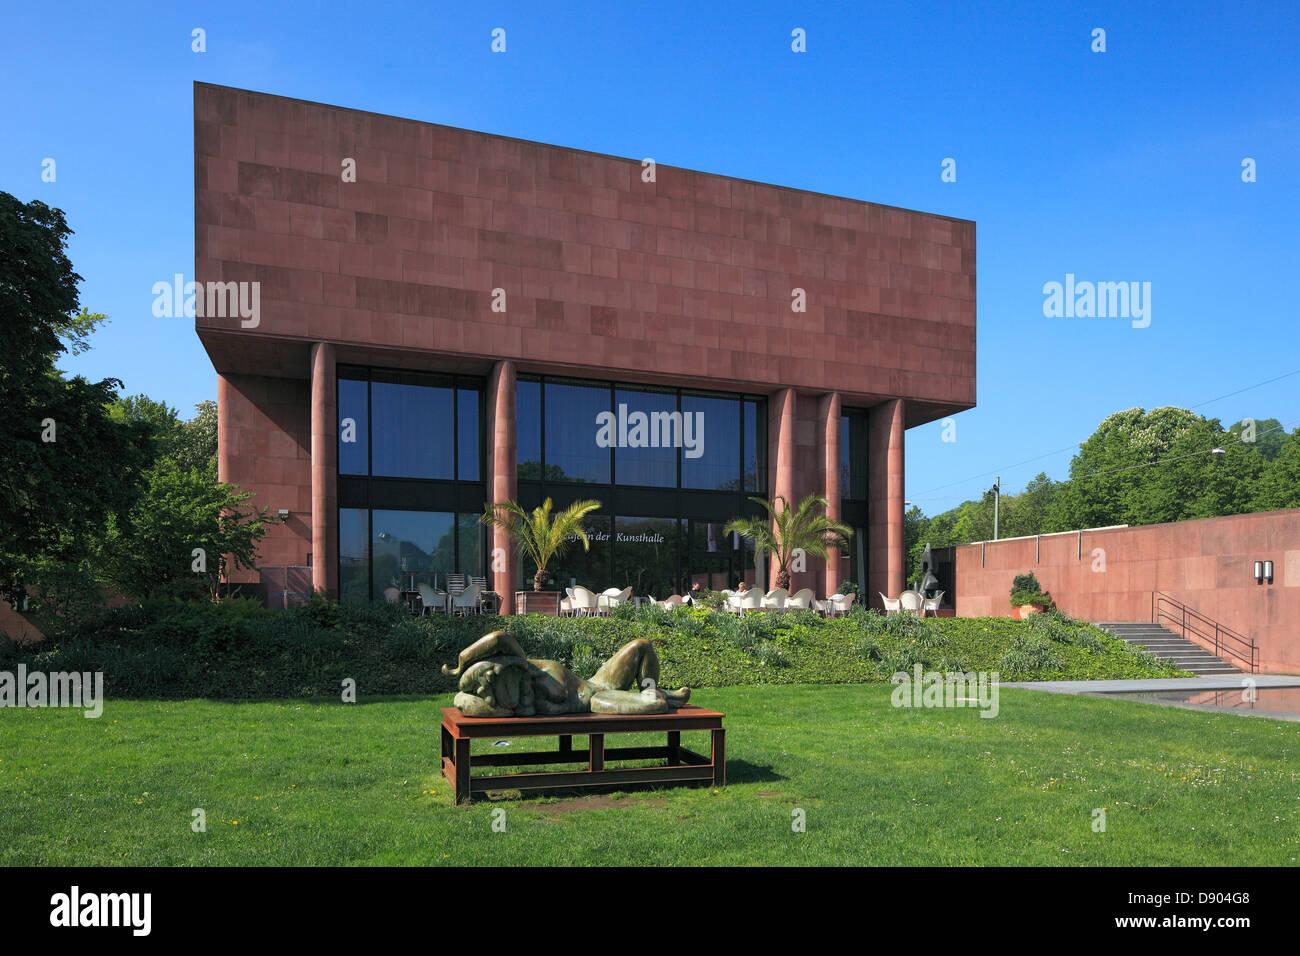 Architekt Bielefeld kunsthalle bielefeld museum fuer moderne und zeitgenoessische kunst